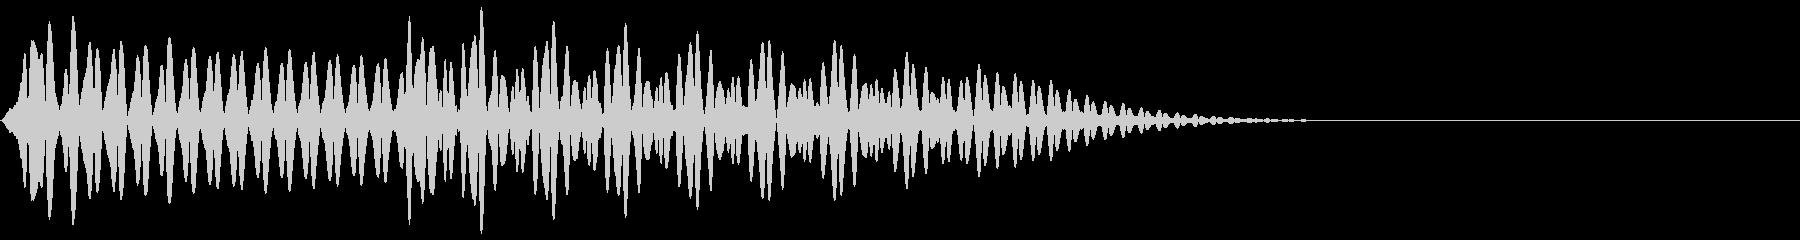 ピコッ(ボタン、決定、クリック、タッチ)の未再生の波形